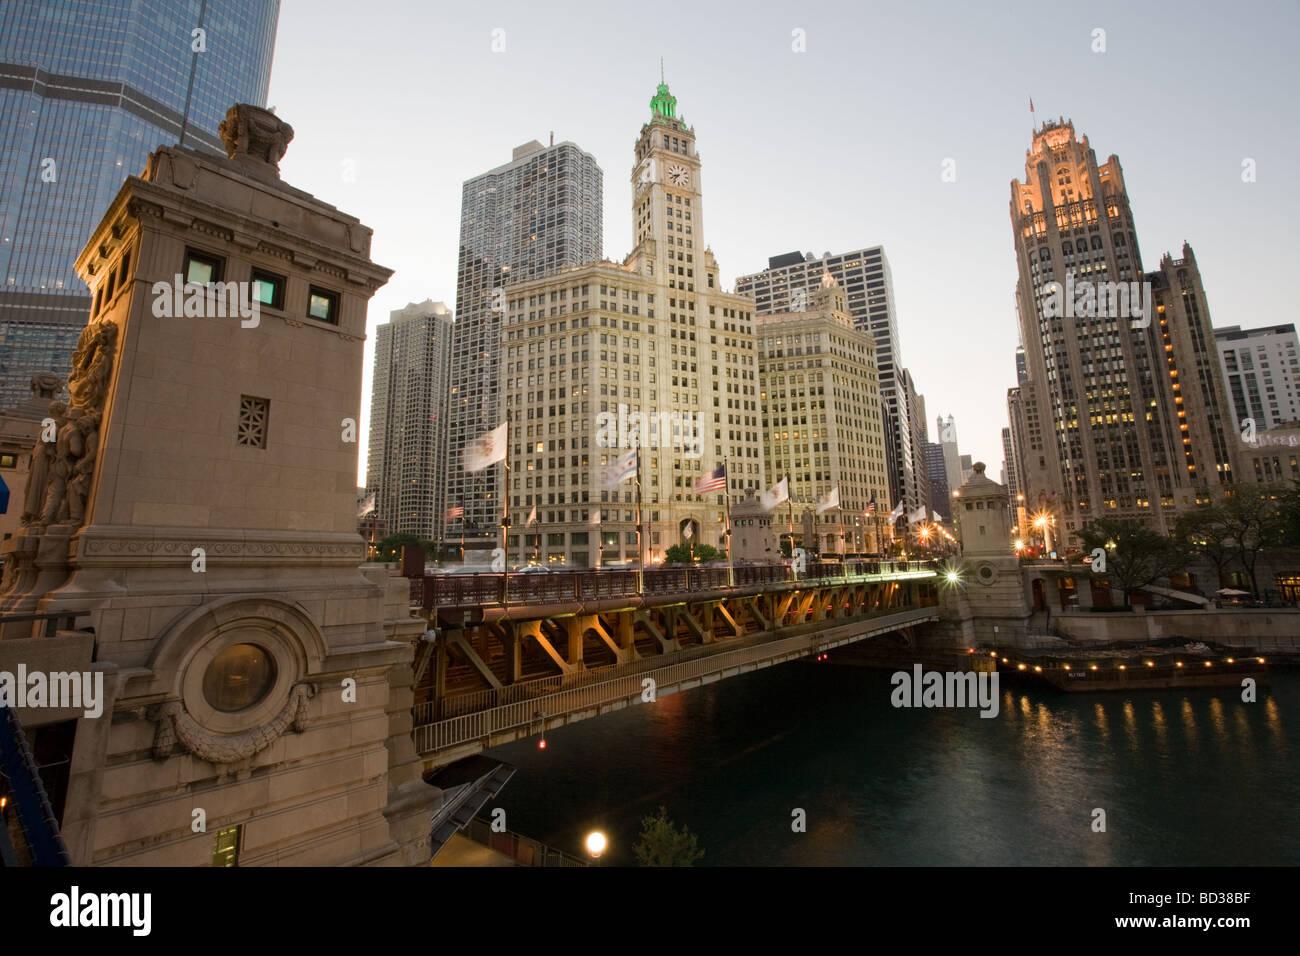 Puente de la Avenida Michigan y Wrigley Building y Esplanade Tribune Tower Chicago Illinois Imagen De Stock